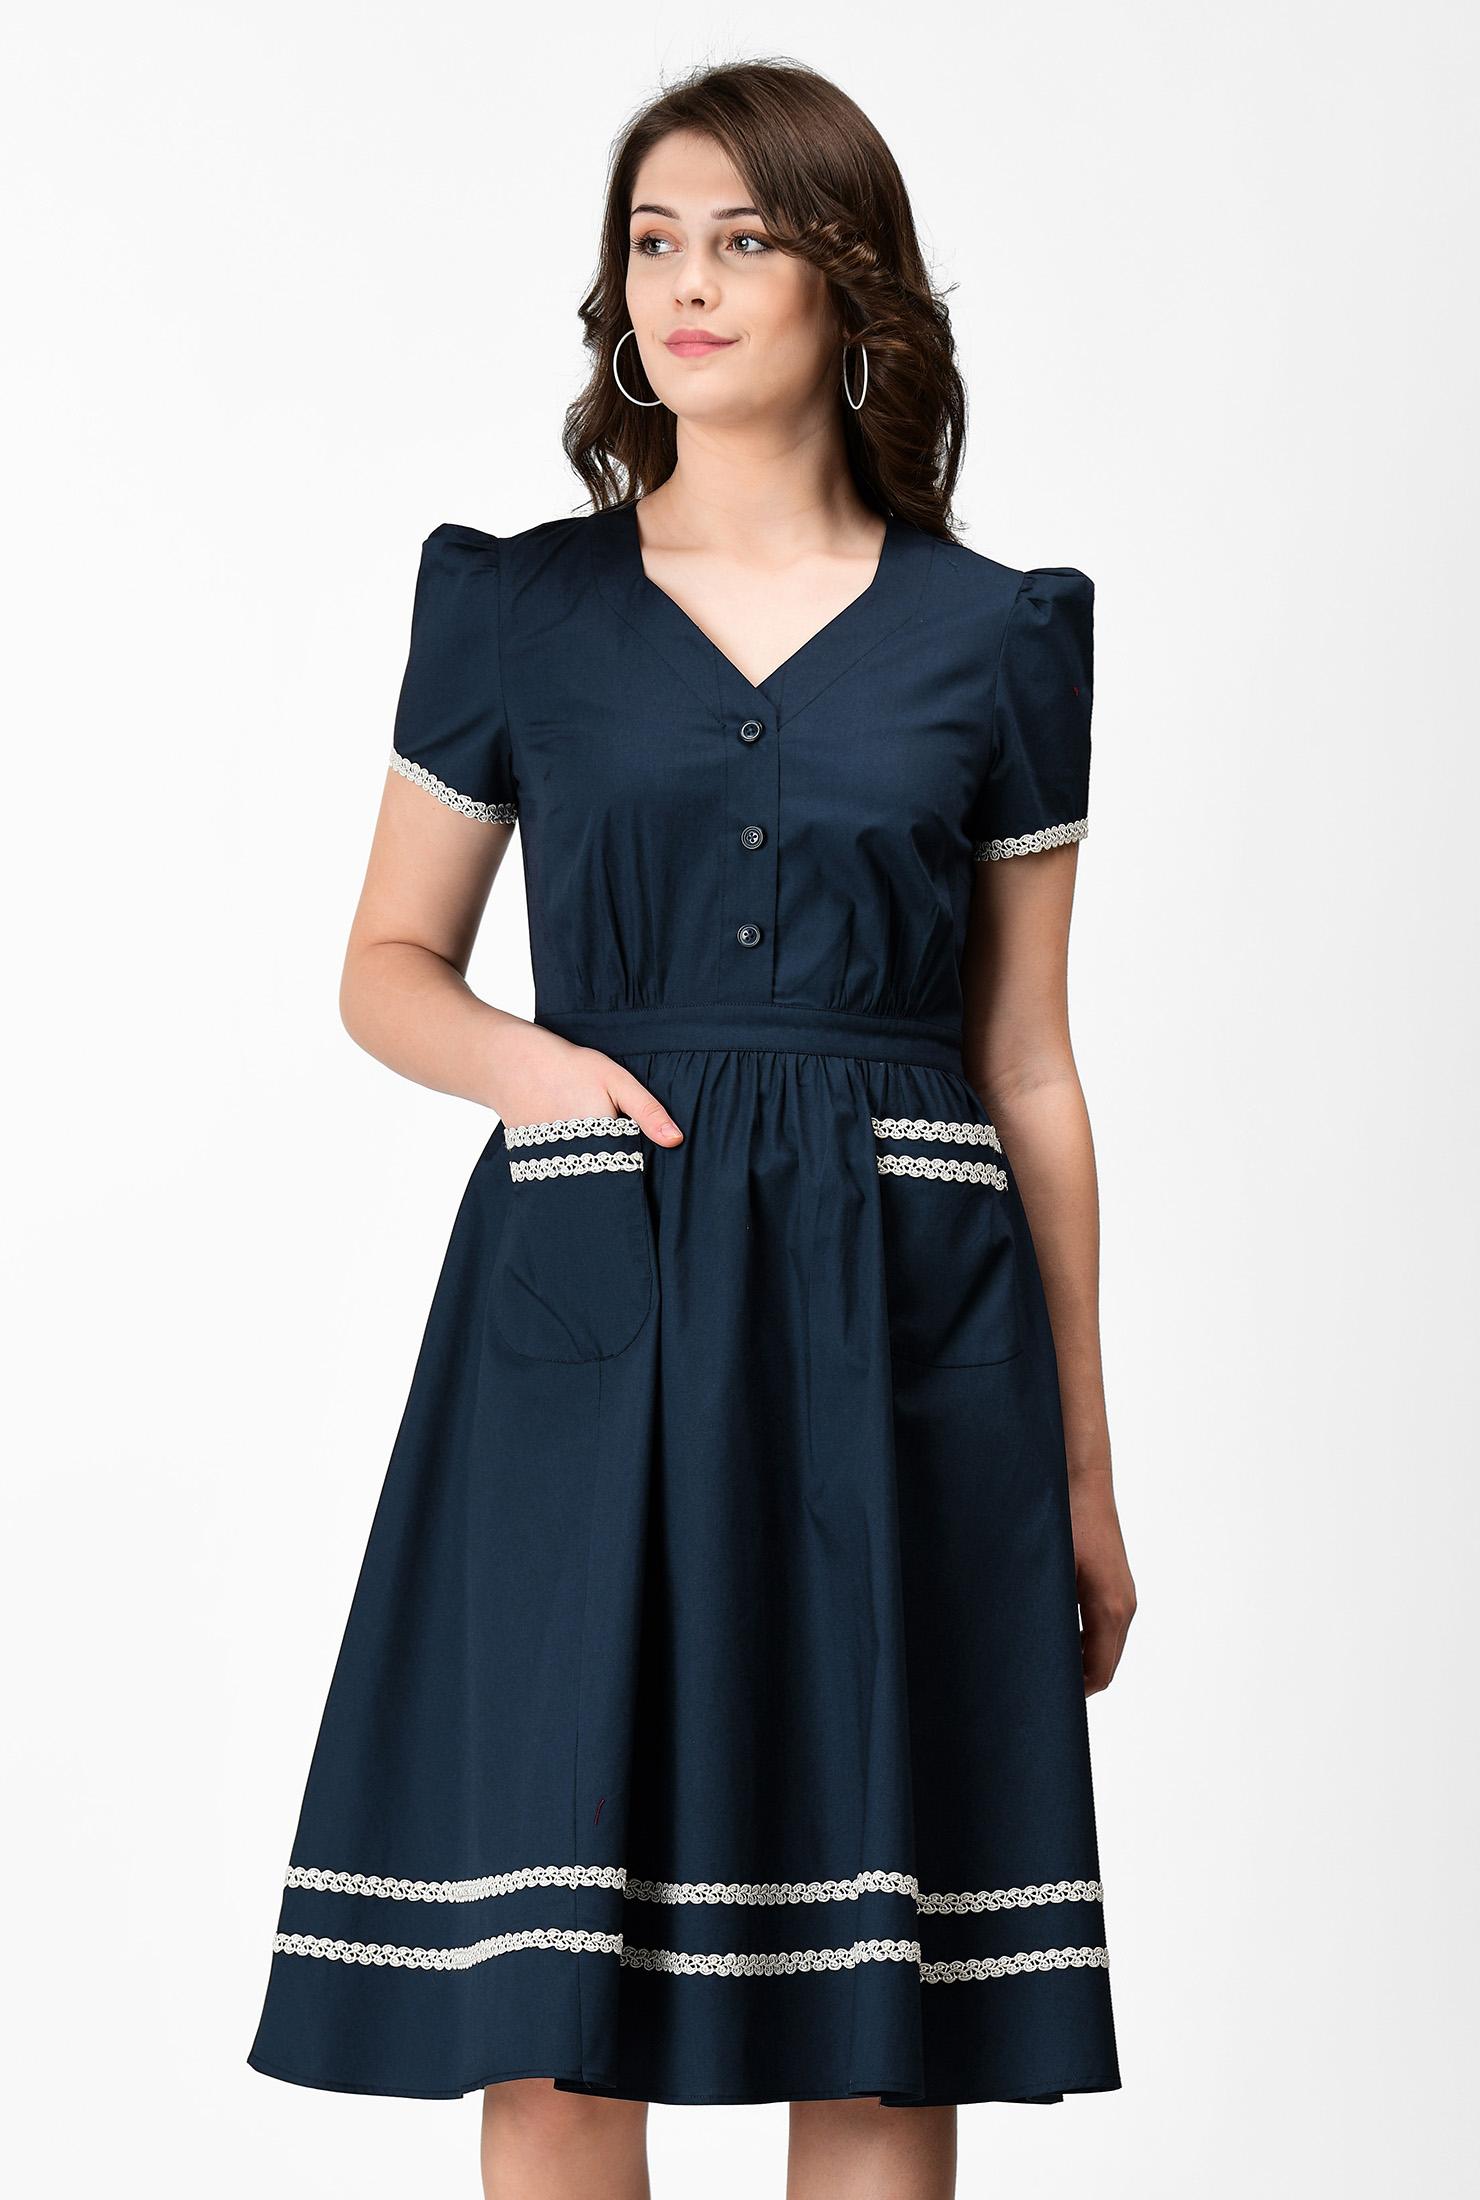 Sailor Dresses, Nautical Theme Dress, WW2 Dresses Lace trim stretch poplin dress $59.95 AT vintagedancer.com